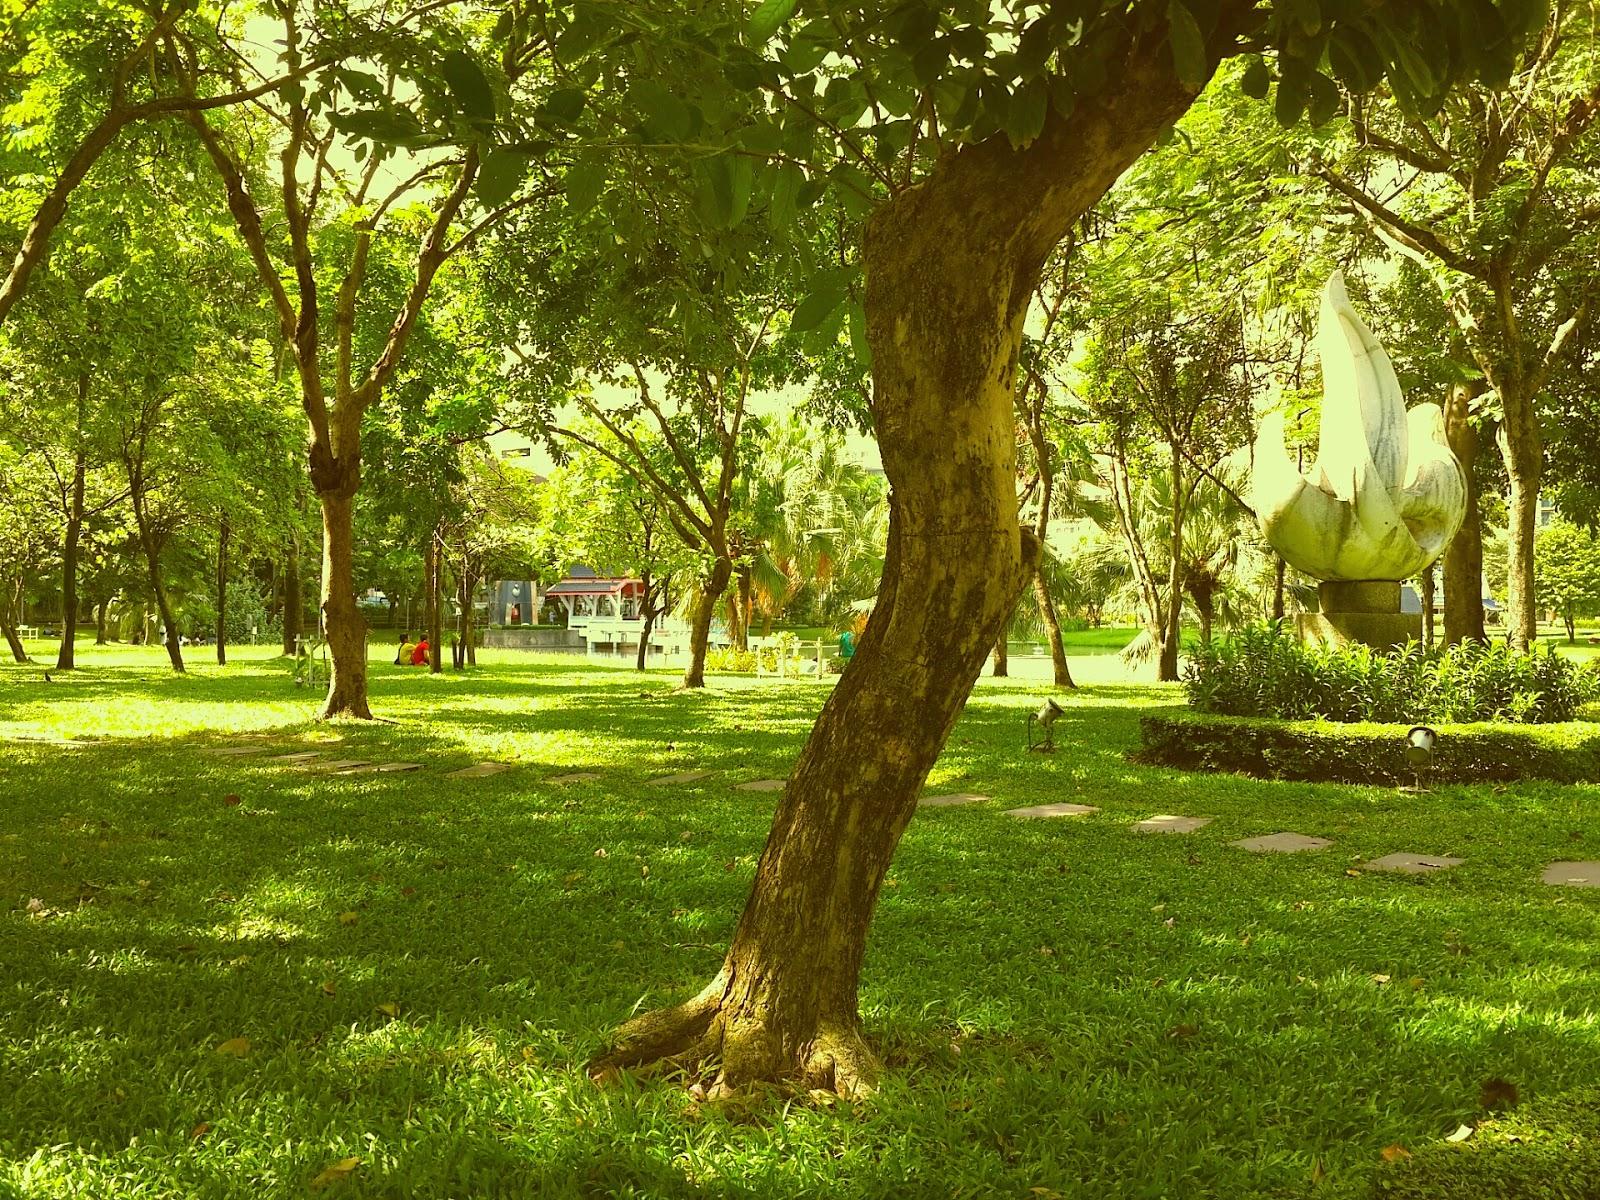 Benjasiri Park in Bangkok, Thailand